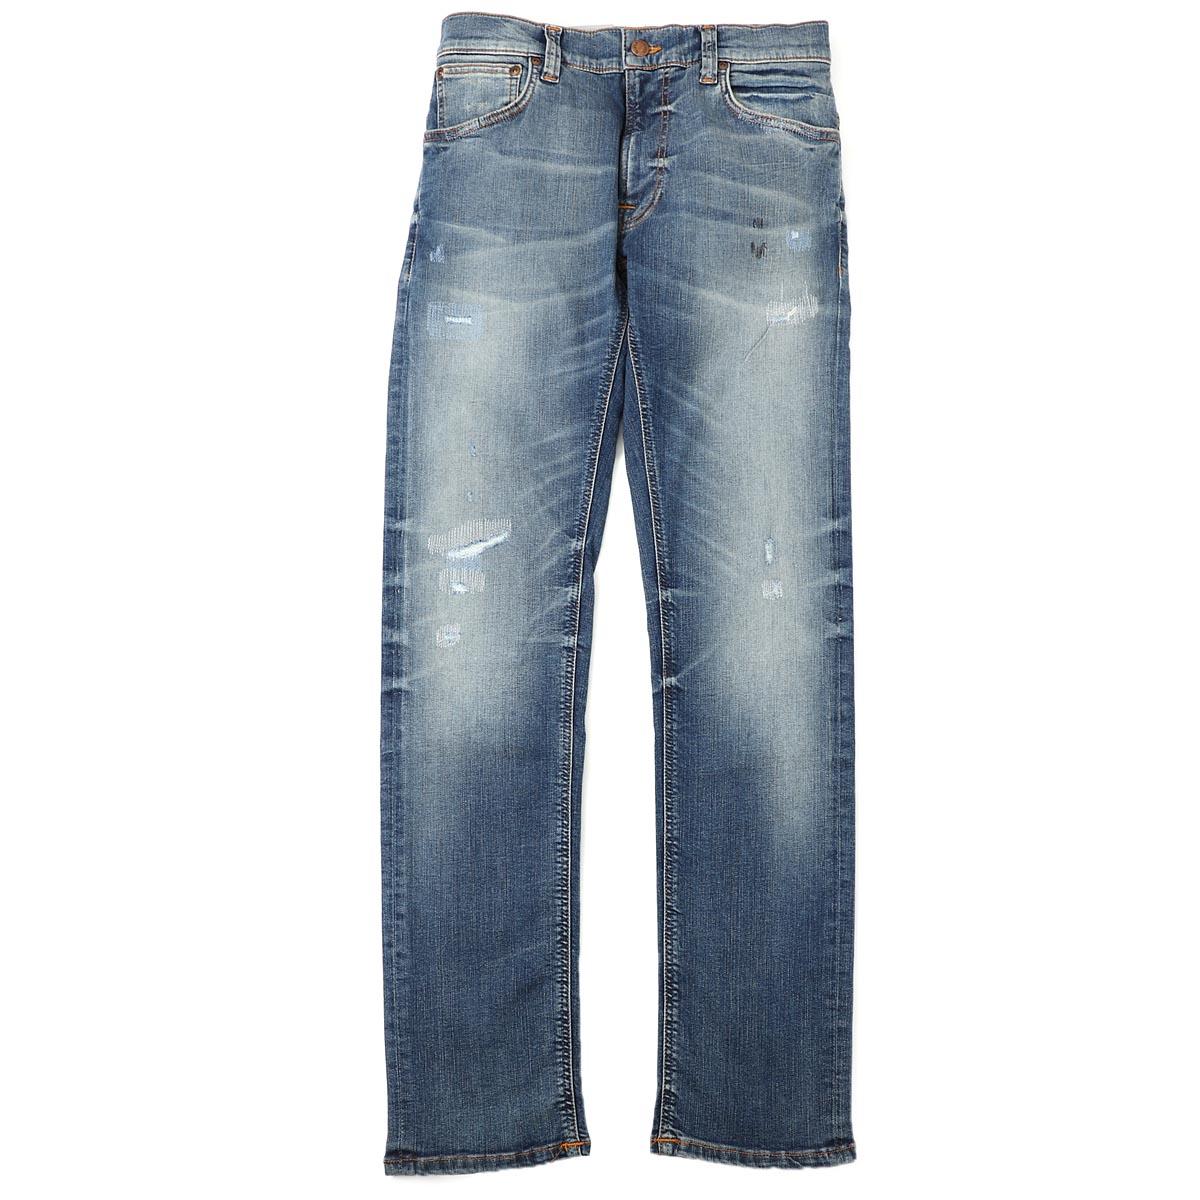 【アウトレット】【ラスト1点】ヌーディージーンズ nudie jeans co ストレッチジーンズ ブルー メンズ デニム オーガニックコットン thin finn 113127 THIN FINN レングス32【あす楽対応_関東】【返品送料無料】【ラッピング無料】